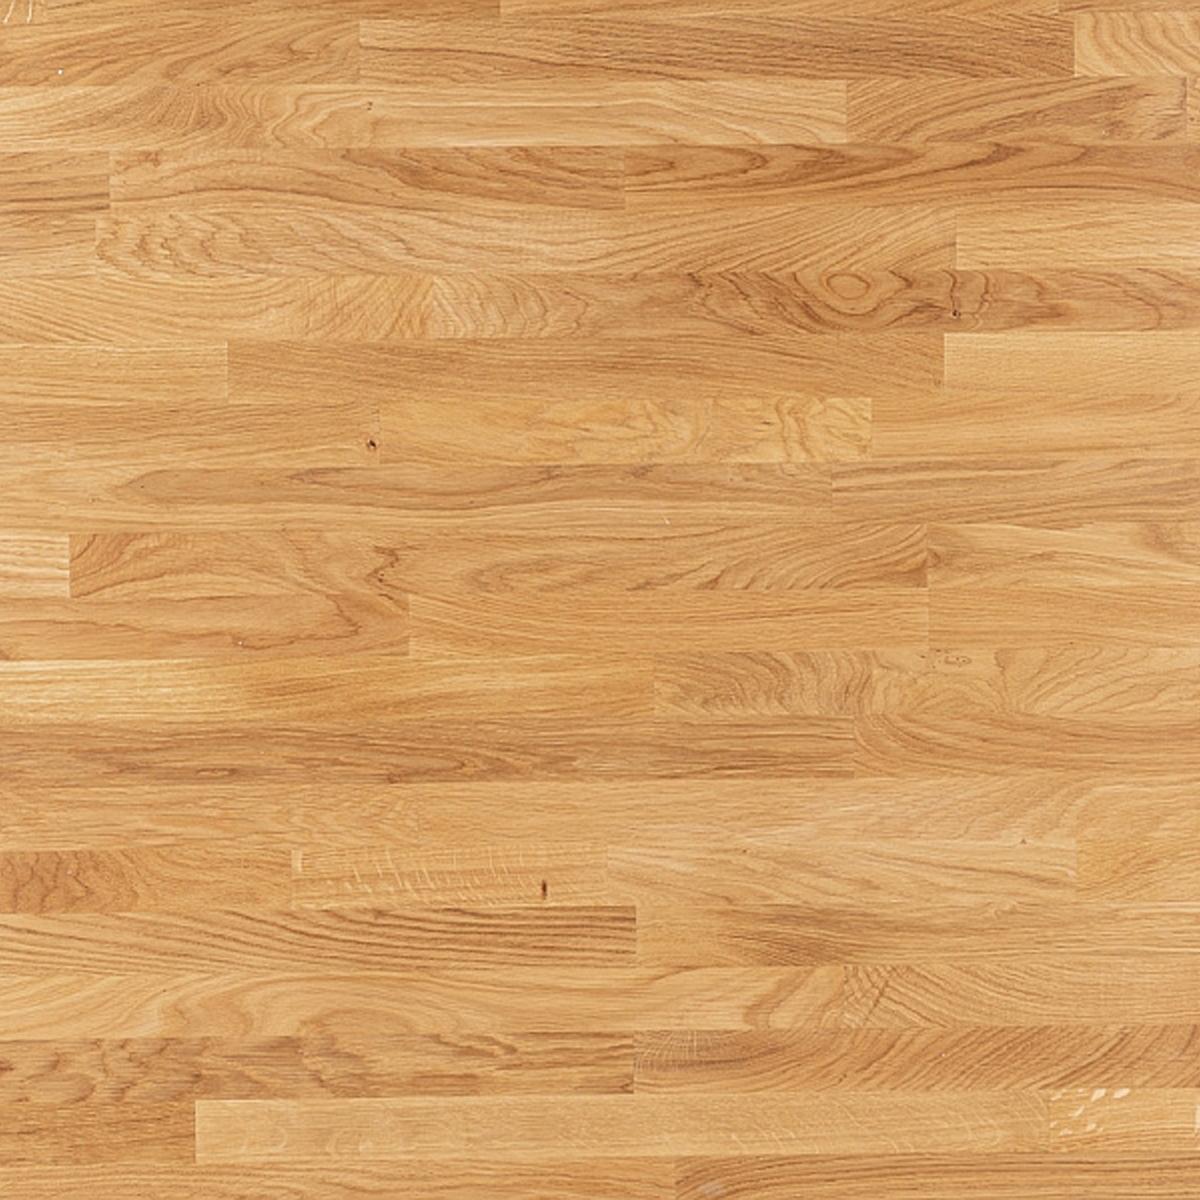 Esstisch Massivholz 504151-1